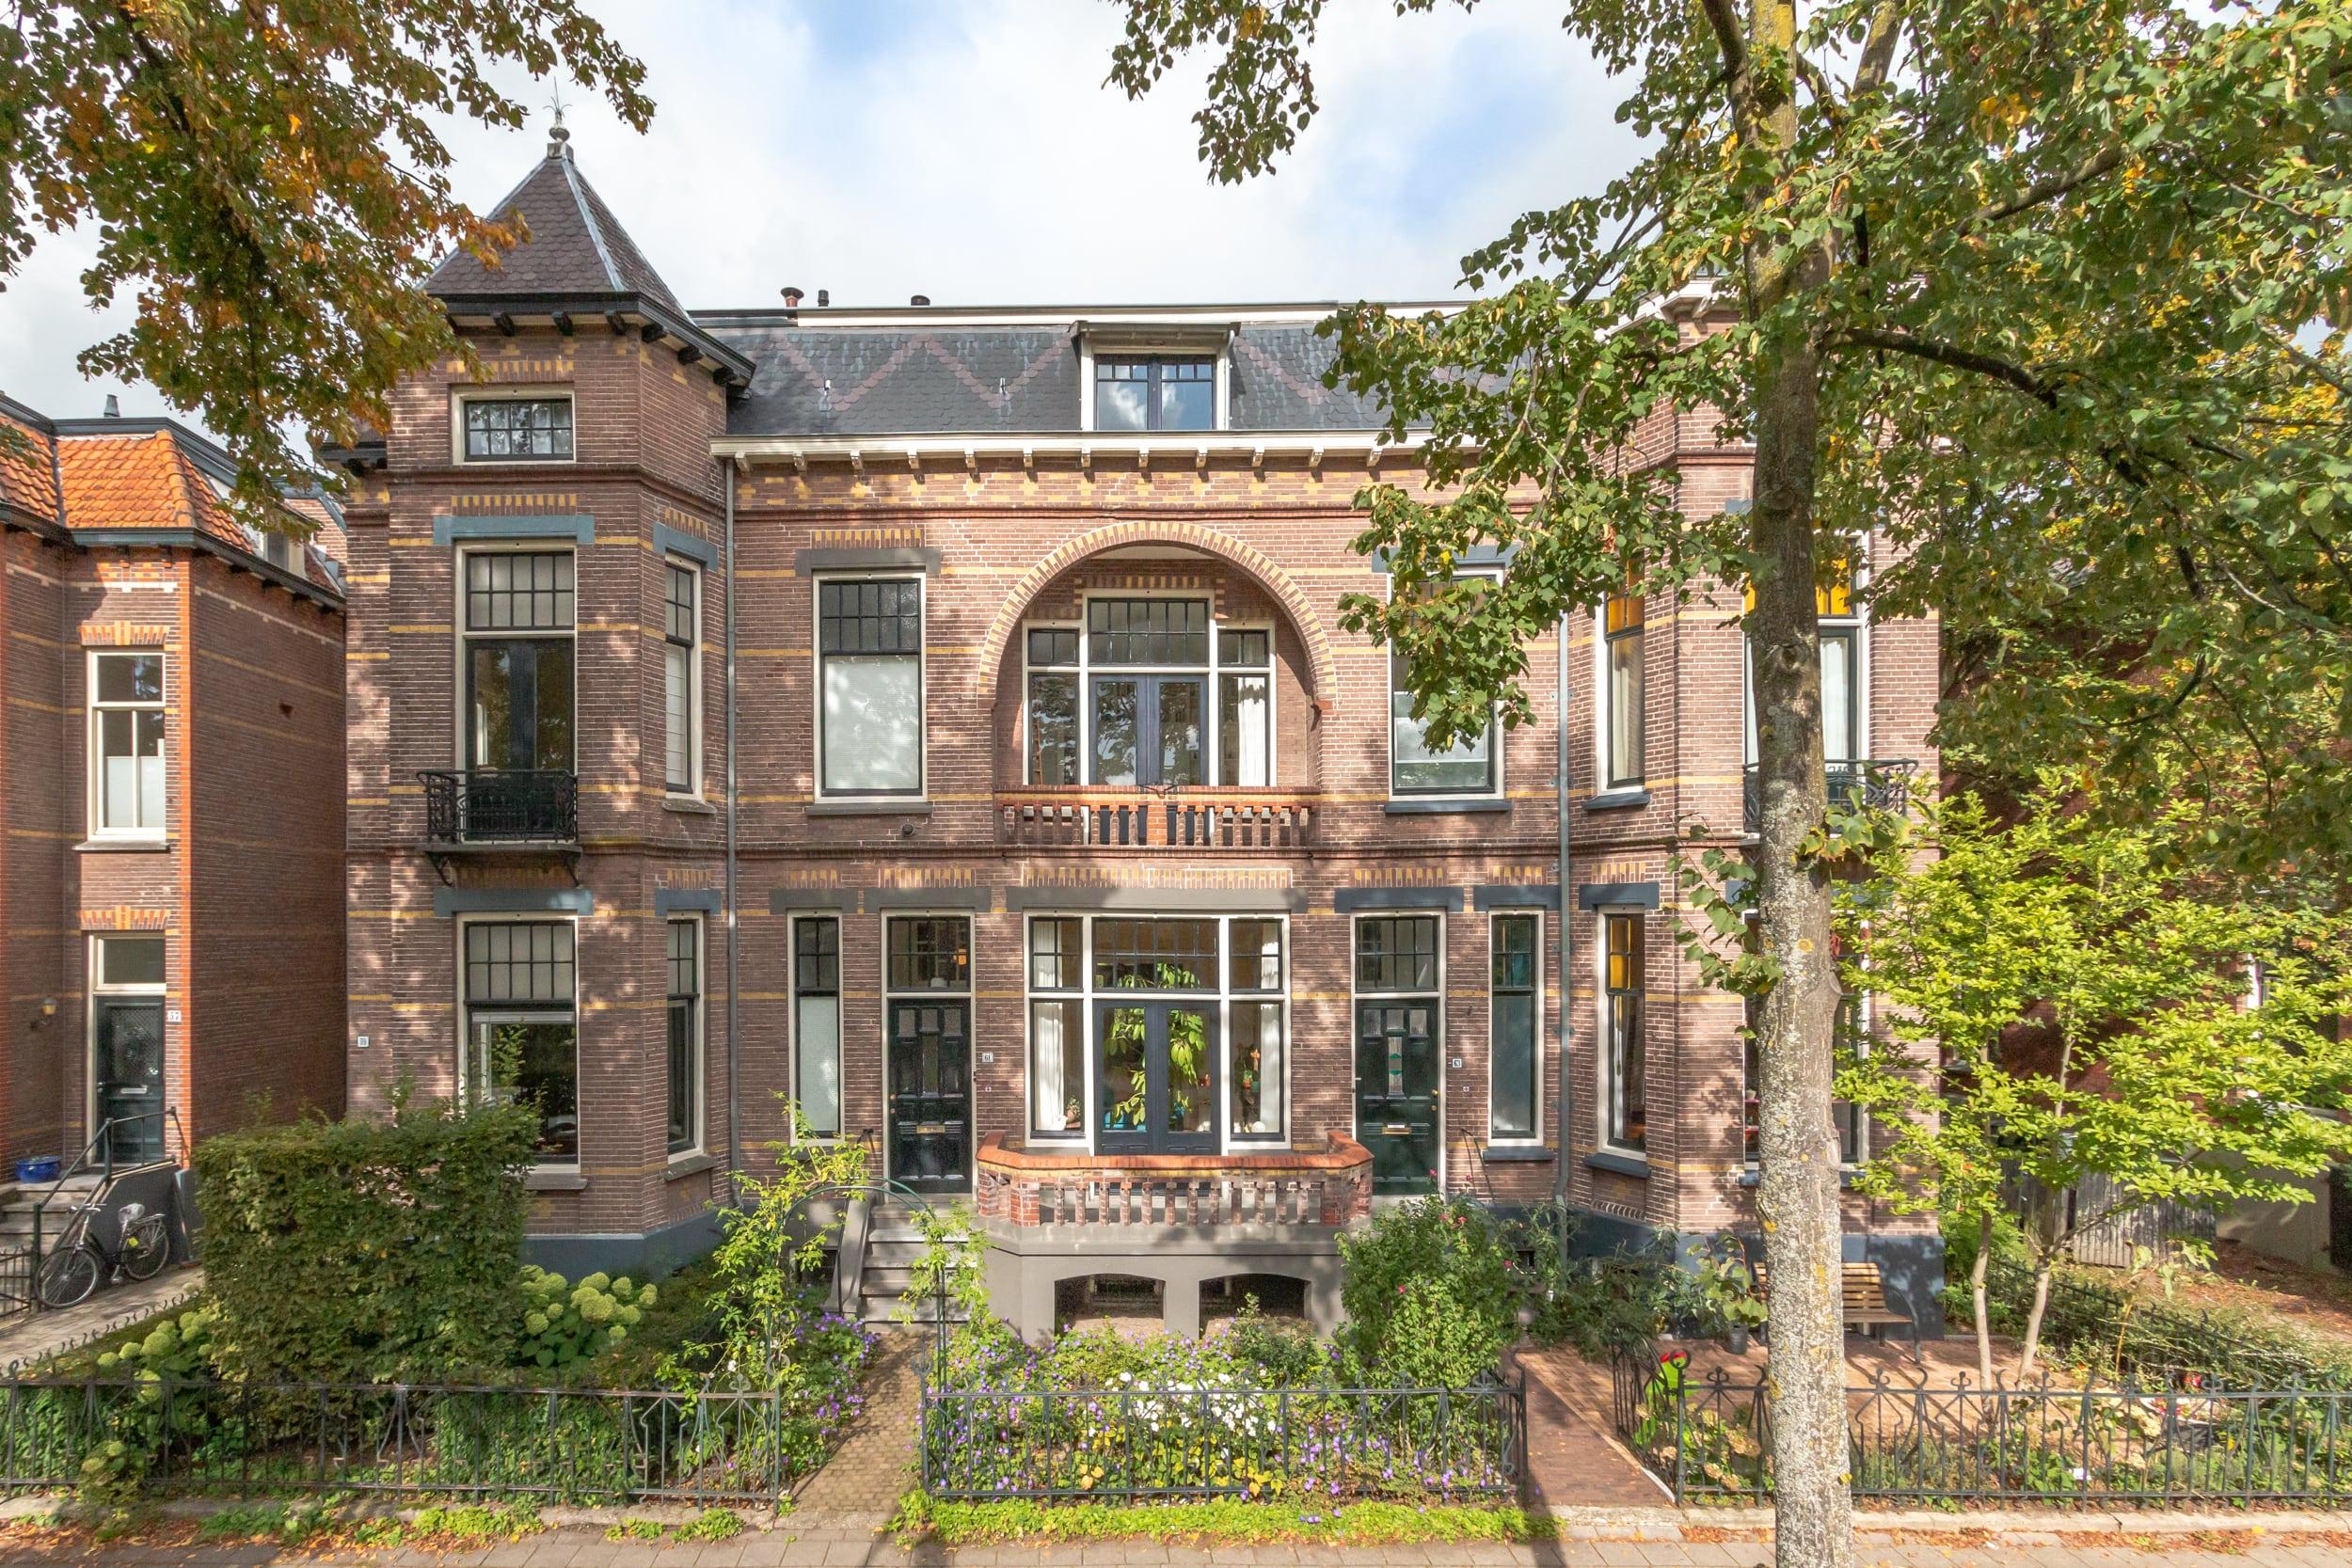 Deventerweg 61, Zutphen